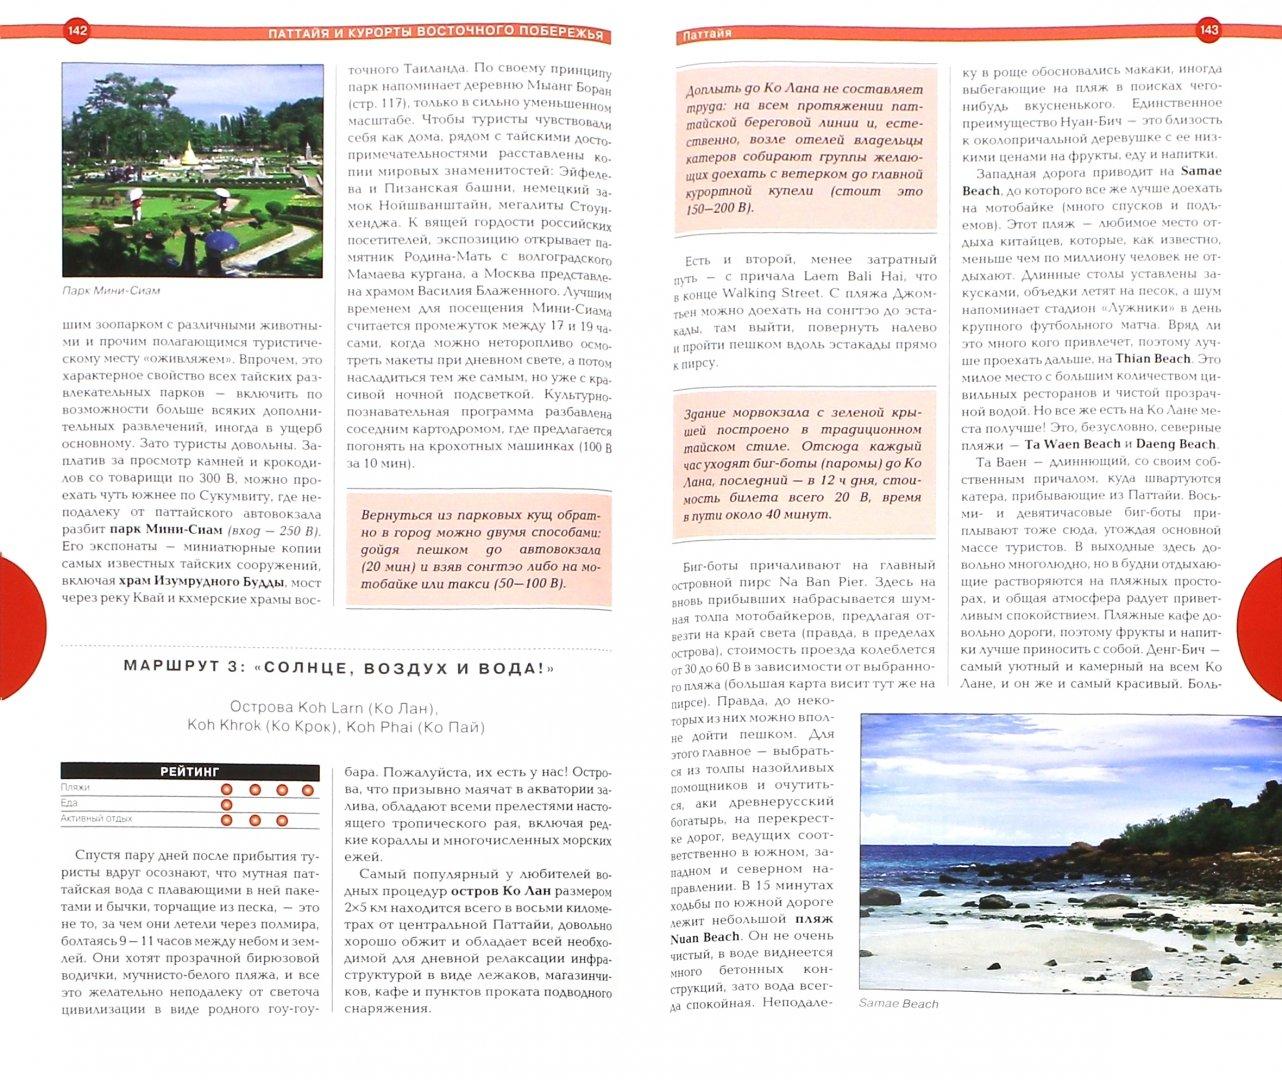 Иллюстрация 1 из 12 для Таиланд. Путеводитель - Крылов, Шигапов   Лабиринт - книги. Источник: Лабиринт